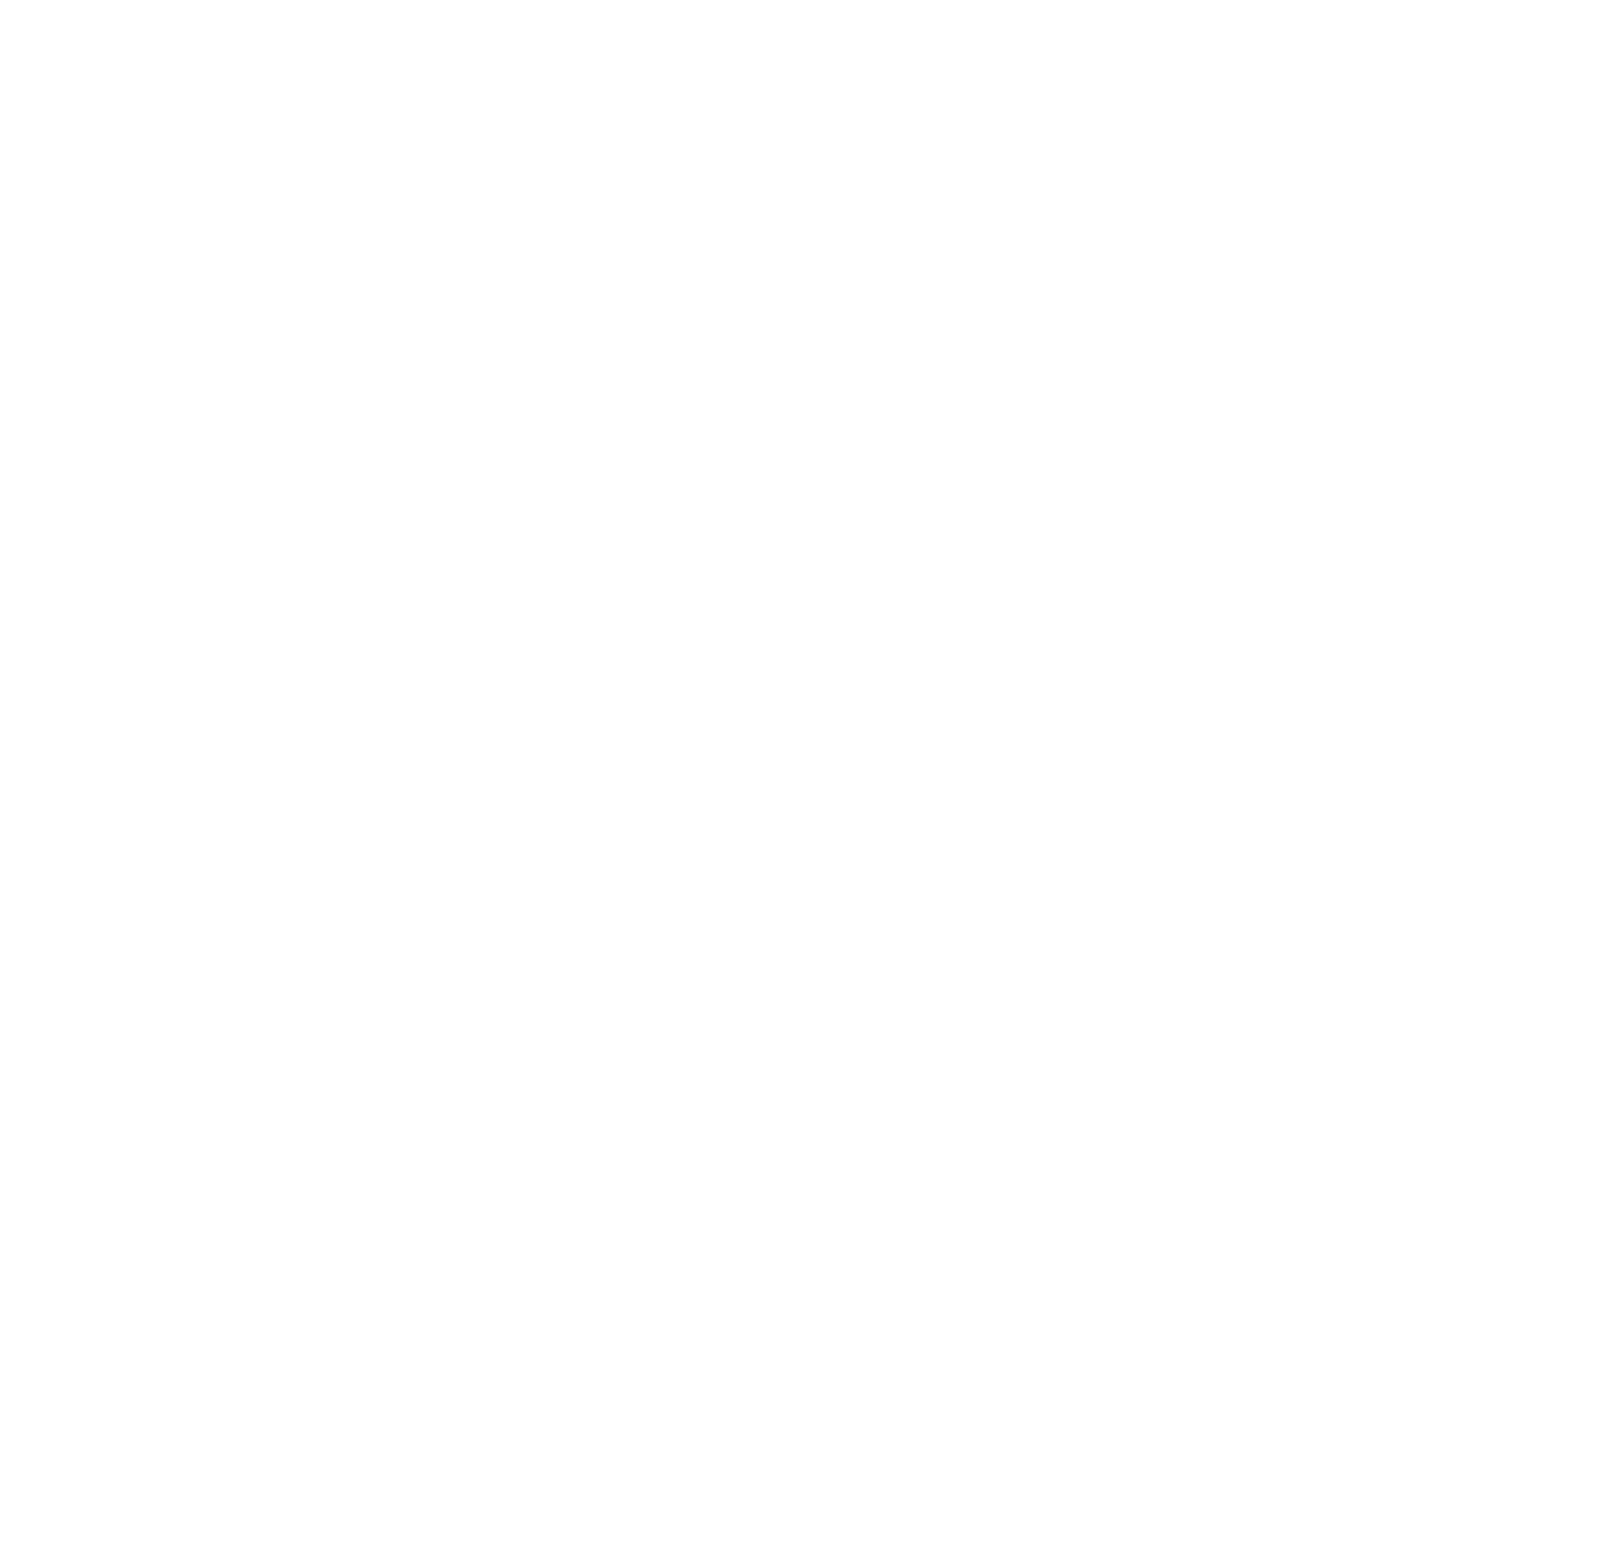 logo_lou_capian_blc.png